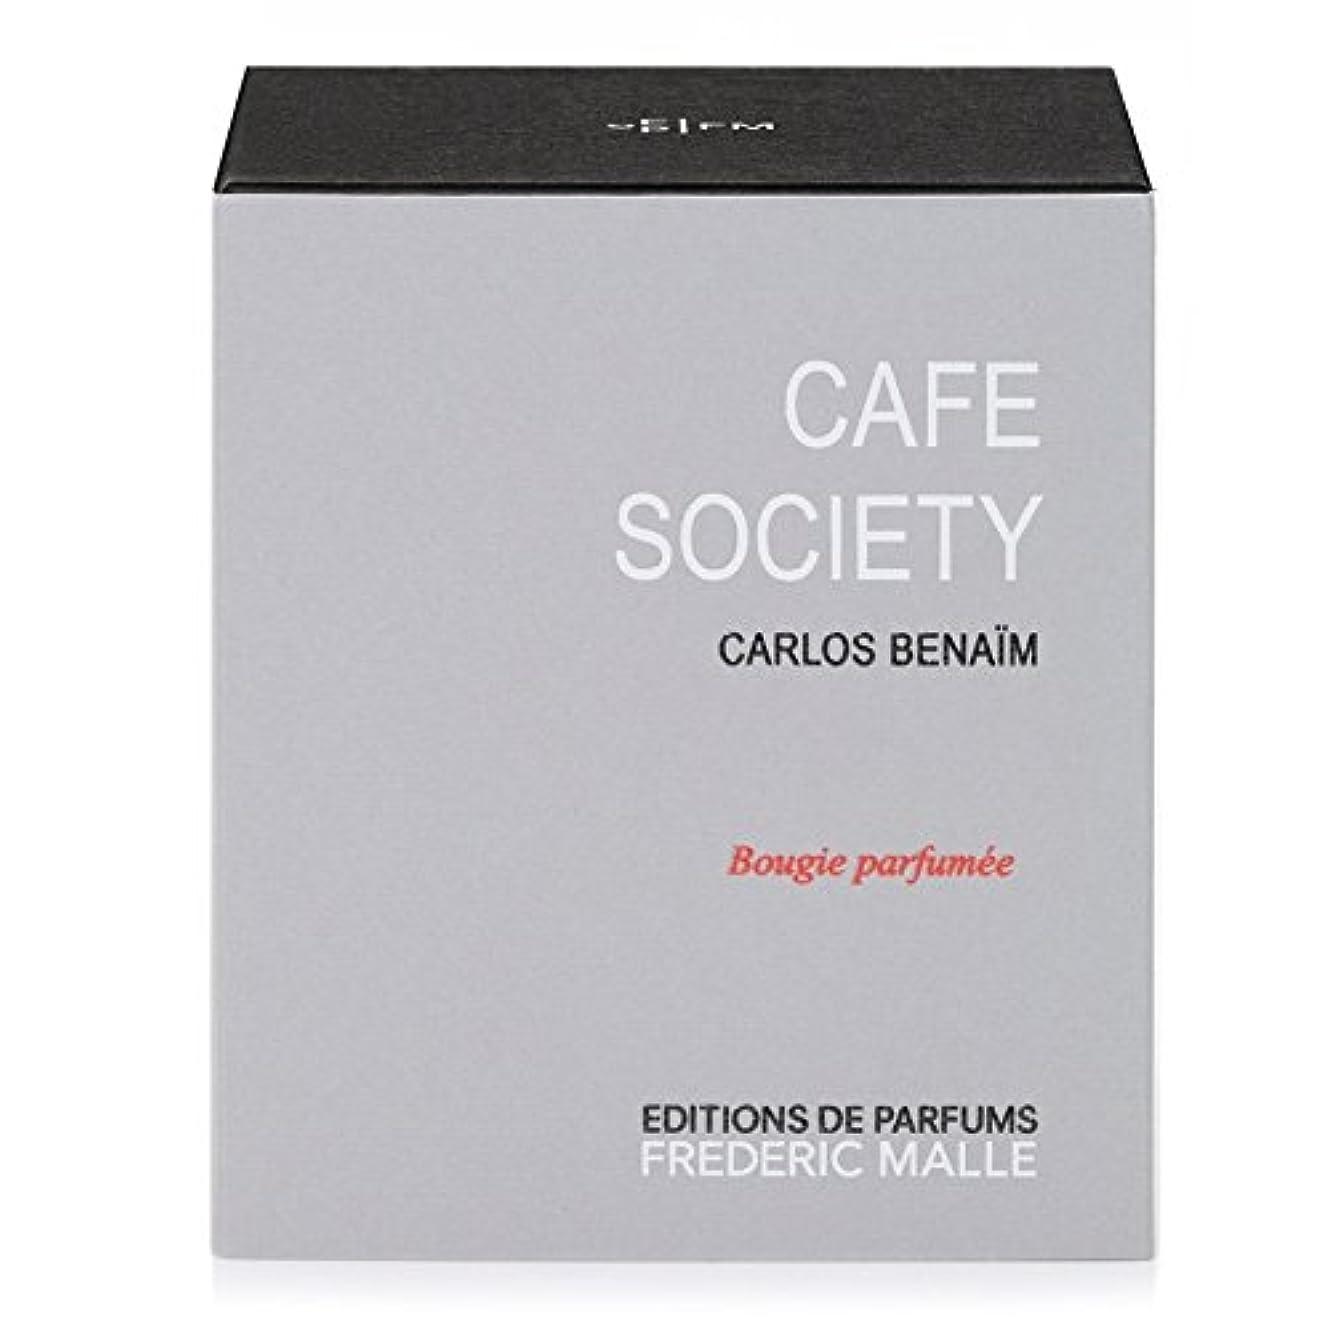 気晴らしアリーナ性差別Frederic Malle Cafe Society Scented Candle 220g - フレデリック?マルカフェ社会の香りのキャンドル220グラム [並行輸入品]